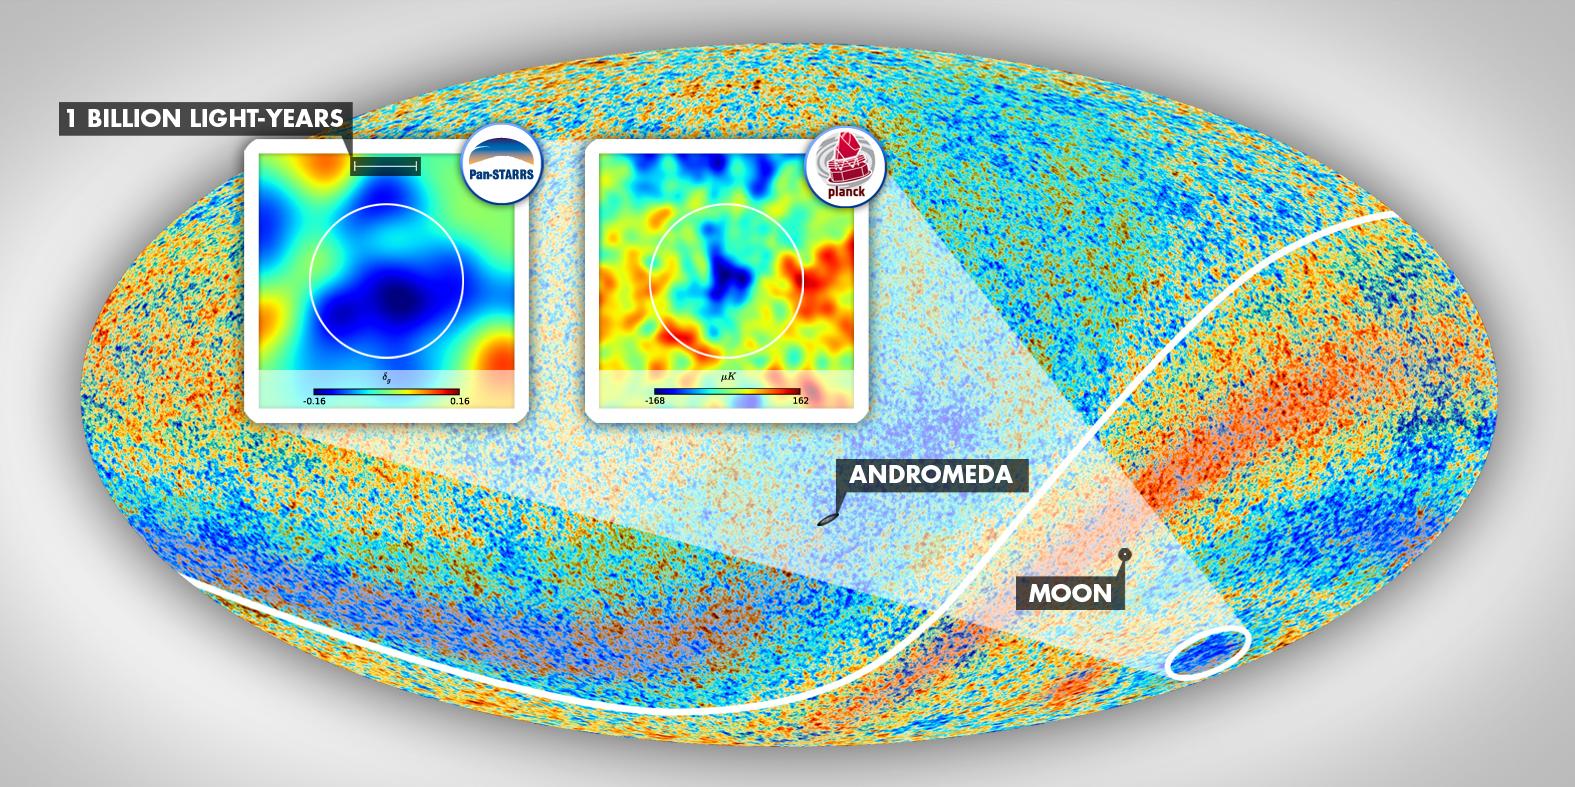 Chladná skvrna ve vesmíru. Kredit: ESA Planck Collaboration.